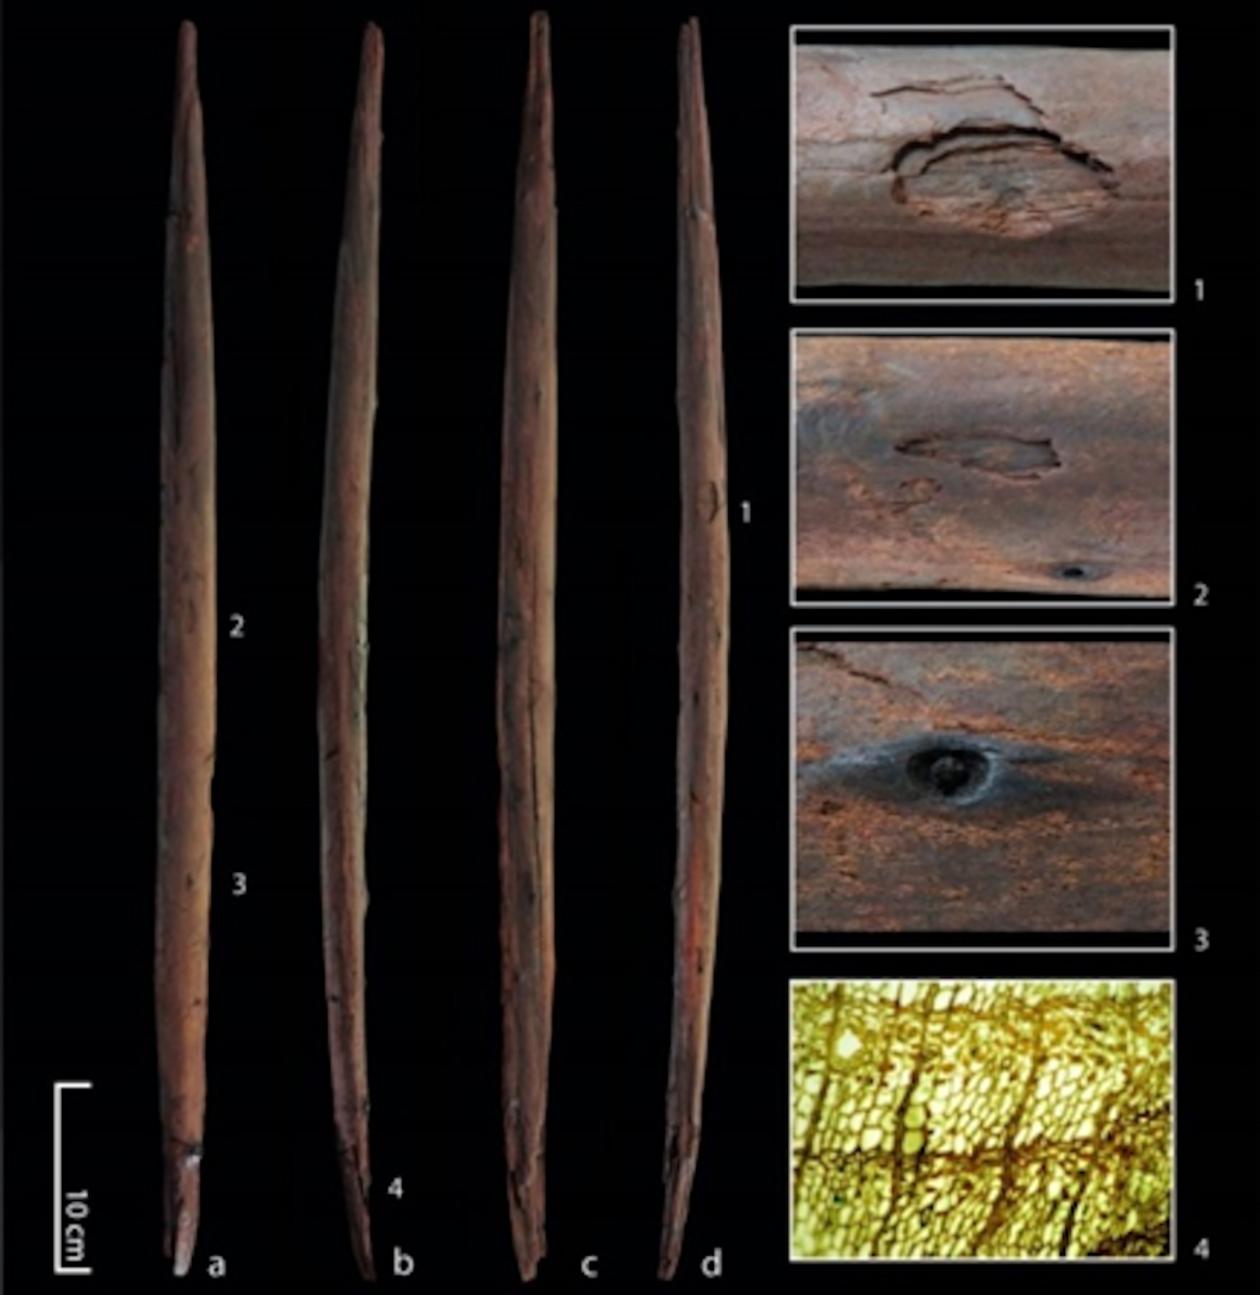 Neuer Wurfstock aus der Fundstelle Schöningen 13 II-4 mit vier Ansichten des Artefaktes und Details:1: Beschädigung durch Einschlag mit stufenförmiger Aussplitterung 2: Einschlagbeschädigung in Form zweier unregelmäßiger Vertiefungen 3: Beispiel für einen abgeschnittenen und abgeriebenen Astansatz, der mit einem Werkzeug geglättet wurde 4: Dünnschnitt der die exzellente Erhaltung der Zellstruktur des Fichtenholzes zeigt. Die Probe stammt vom beschädigten Ende des Werkzeuges (Abbildung: Alexander Janas)